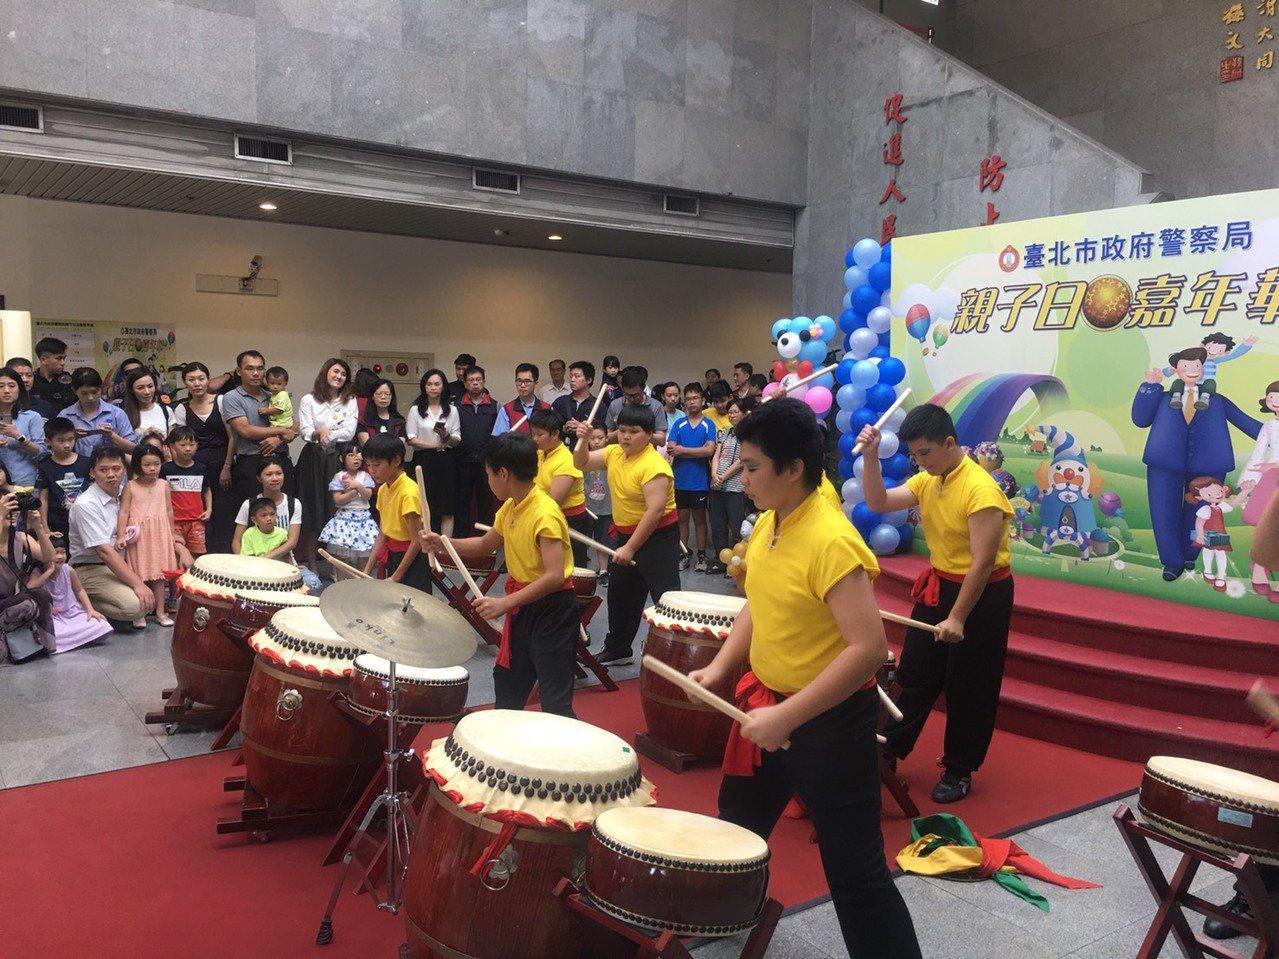 為增進家庭及親子情感,台北市警局今天舉辦親子日活動。記者李隆揆/攝影